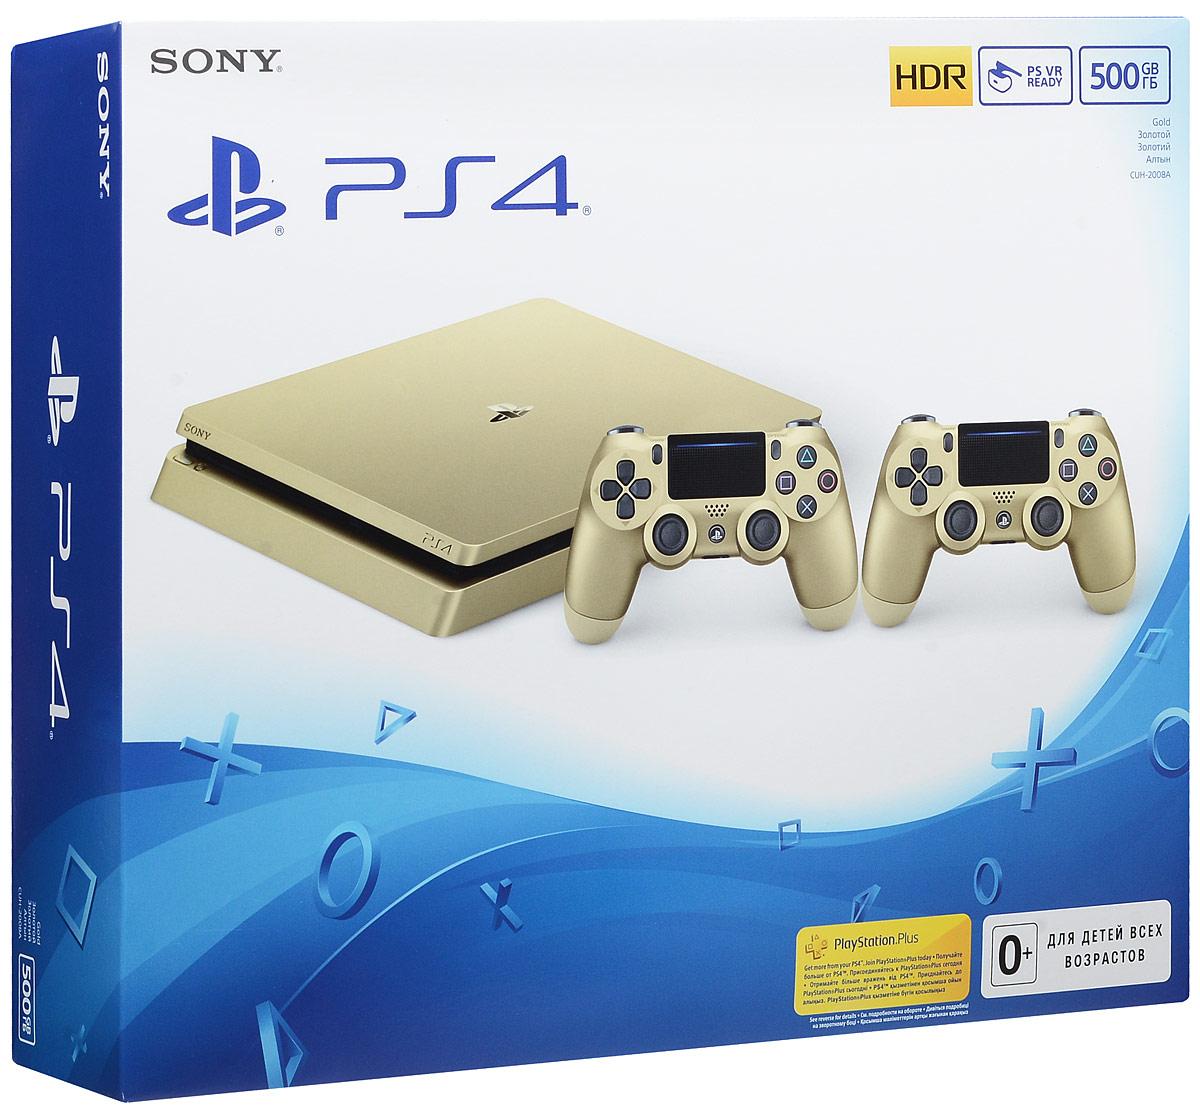 Игровая приставка Sony PlayStation 4 Slim (500 GB), Gold + дополнительный контроллер Dualshock 4PS719848561Попробуйте тонкую, компактную и по-прежнему мощную PS4 для тех, кто играет.Откройте для себя яркие, насыщенные цвета с потрясающей HDR-визуализацией. На 30% тоньше и на 16% легче, чем оригинальная модель PS4. Храните свои игры, приложения, изображения и видео на жестком диске на 500 Гб. Все популярные телепередачи, фильмы и многое другое доступно в ваших любимых развлекательных приложениях.Улучшенный беспроводной контроллер Dualshock 4 ощущается по-другому и обладает новыми особенностями, включая более яркую световую панель, с помощью которой вы получите еще больше контроля в играх.; Это самый удобный и точный контроллер из всех, что были выпущены для PlayStation.В вашем распоряжении самые крупные хиты, эксклюзивы PlayStation и игры с полным погружением. Приглашайте друзей присоединиться к вашему приключению, бросайте им вызов в многопользовательских матчах или позвольте им играть вместо вас, даже если у них нет этой игры. Транслируйте свои игры на ПК, Mac или PlayStation Vita по домашней сети Wi-Fi и забудьте про необходимость телевизора. Ведите прямые трансляции своих приключений для всего мира в Twitch, YouTube или Dailymotion.Делитесь снимками экрана и видеороликами ваших самых впечатляющих моментов в играх в Twitter и Facebook. Создавайте тусовки, общайтесь с друзьями и присоединяйтесь к игровым сообществам, чтобы найти новых игроков. Заключайте союзы, сводите счеты и играйте с друзьями и соперниками в сетевых режимах ваших любимых игр – эксклюзивно для подписчиков PlayStation Plus.Регулярные обновления системного программного обеспечения PS4 дарят вам новые особенности и способы быть на связи, общаться и играть. Улучшенный и более лаконичный благодаря новым обновлениям, значкам и фоновым изображениям интерфейса. Вы можете с легкостью переносить игры, данные профилей, изображения и все остальной с одной консоли PS4 на другую. Настройте свой профиль и сравн